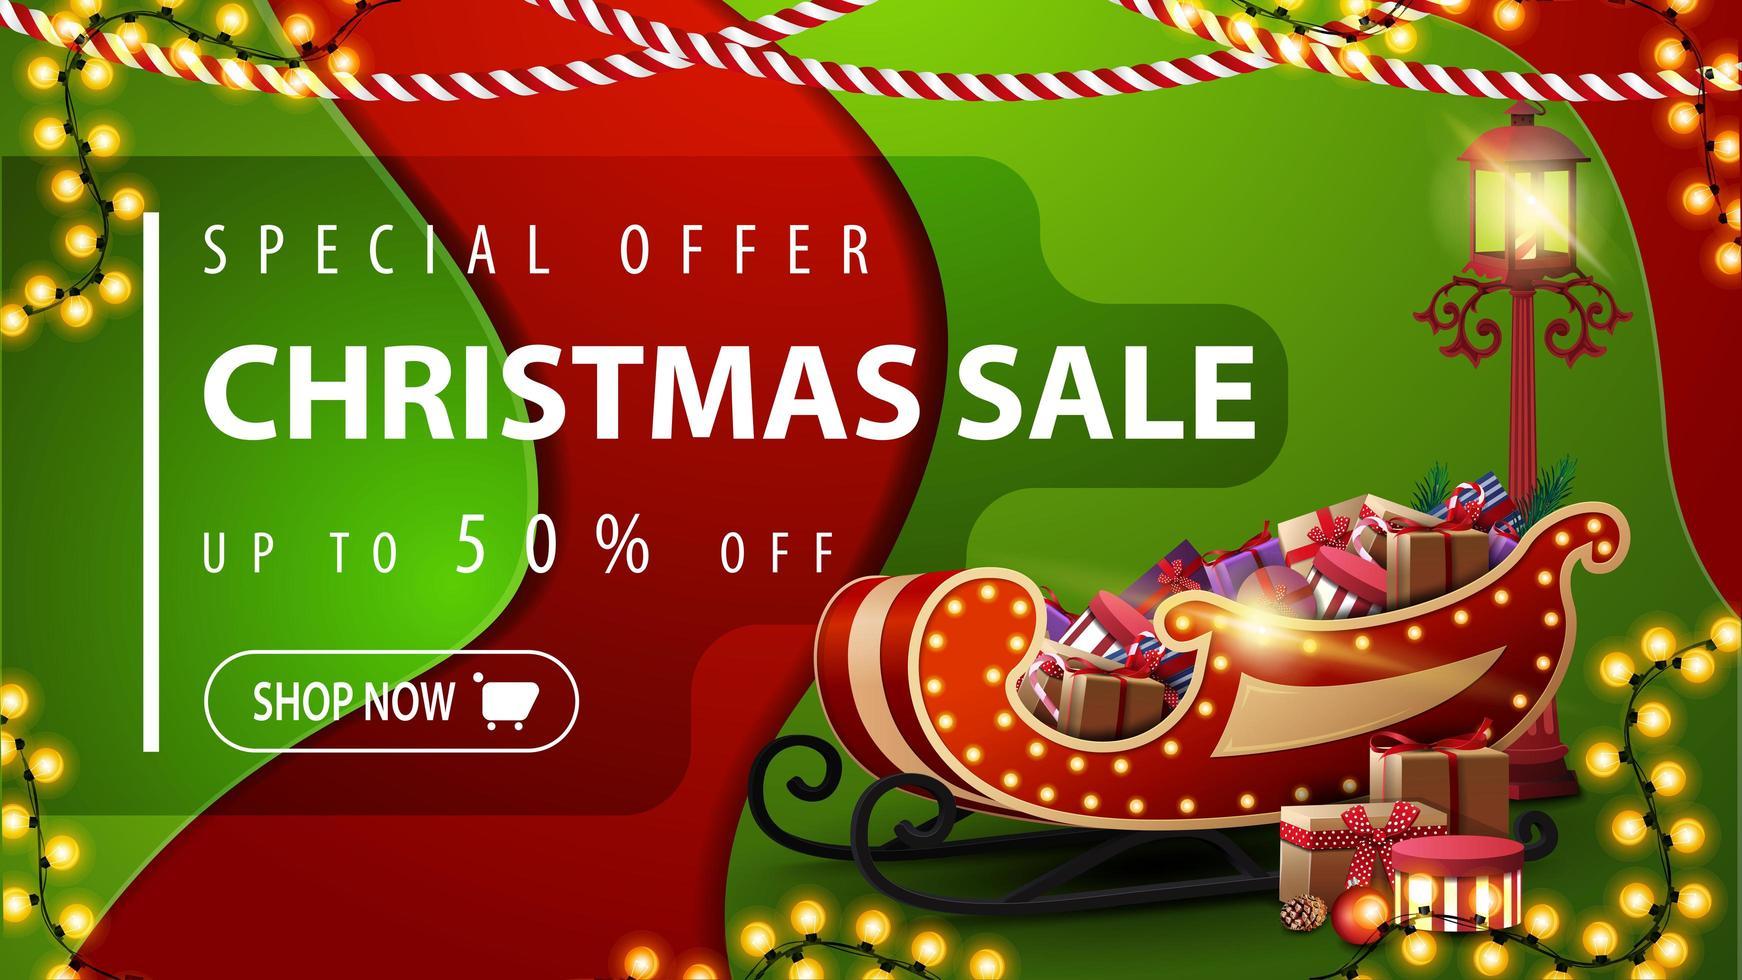 offre spéciale, vente de Noël, jusqu'à 50 rabais, bannière de réduction rouge et verte dans un style de conception matérielle avec des guirlandes, une lanterne de poteau et un traîneau du père Noël avec des cadeaux vecteur